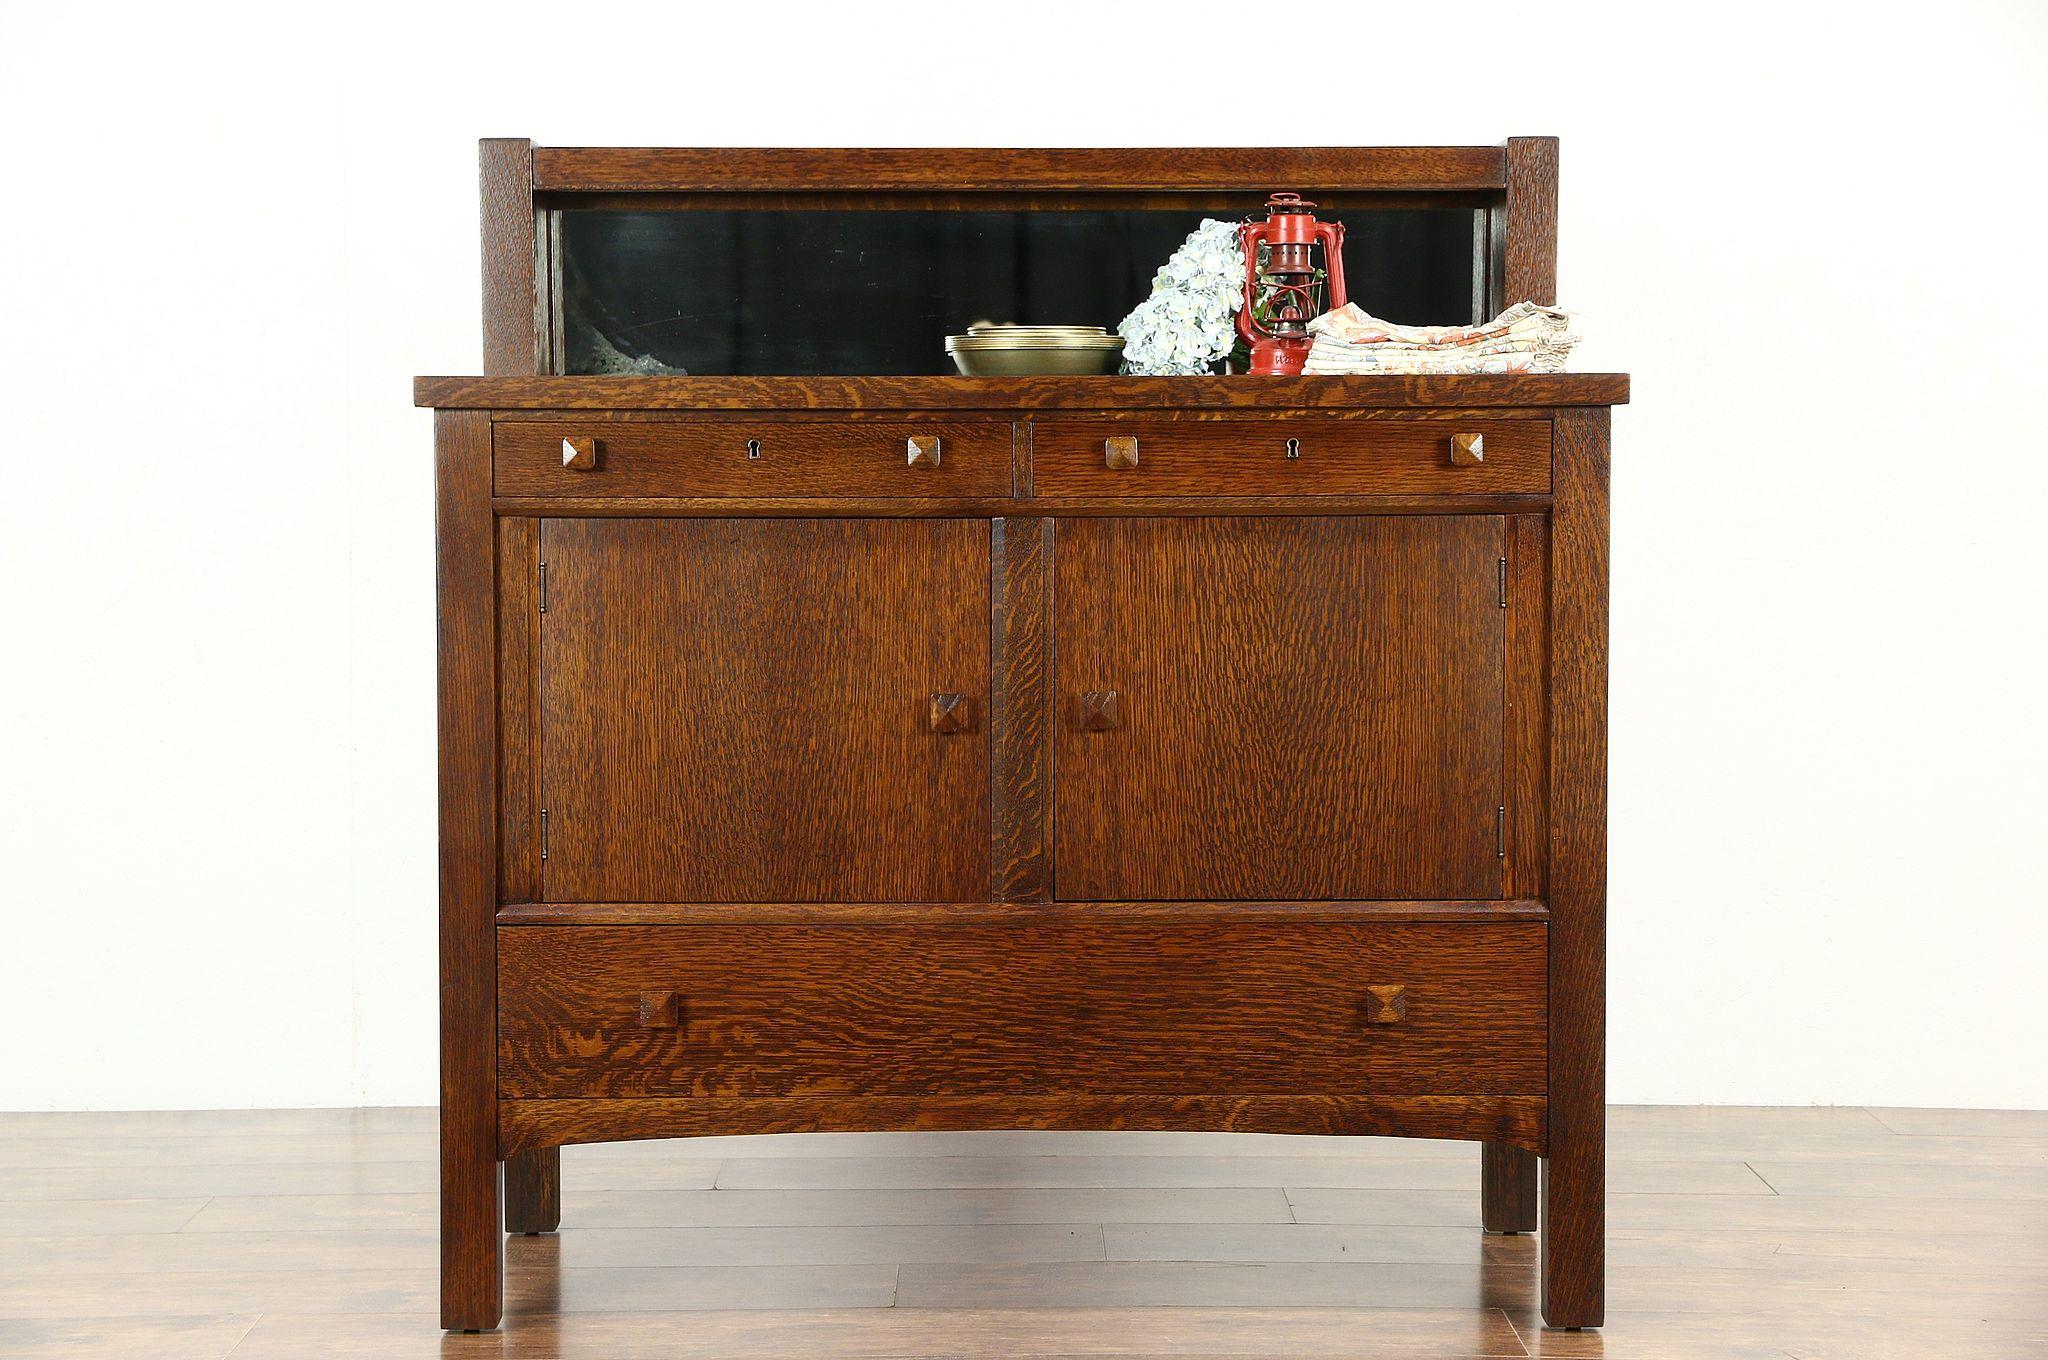 Antique arts and crafts furniture - Arts Crafts Mission Oak Antique Craftsman Sideboard Server Or Buffet